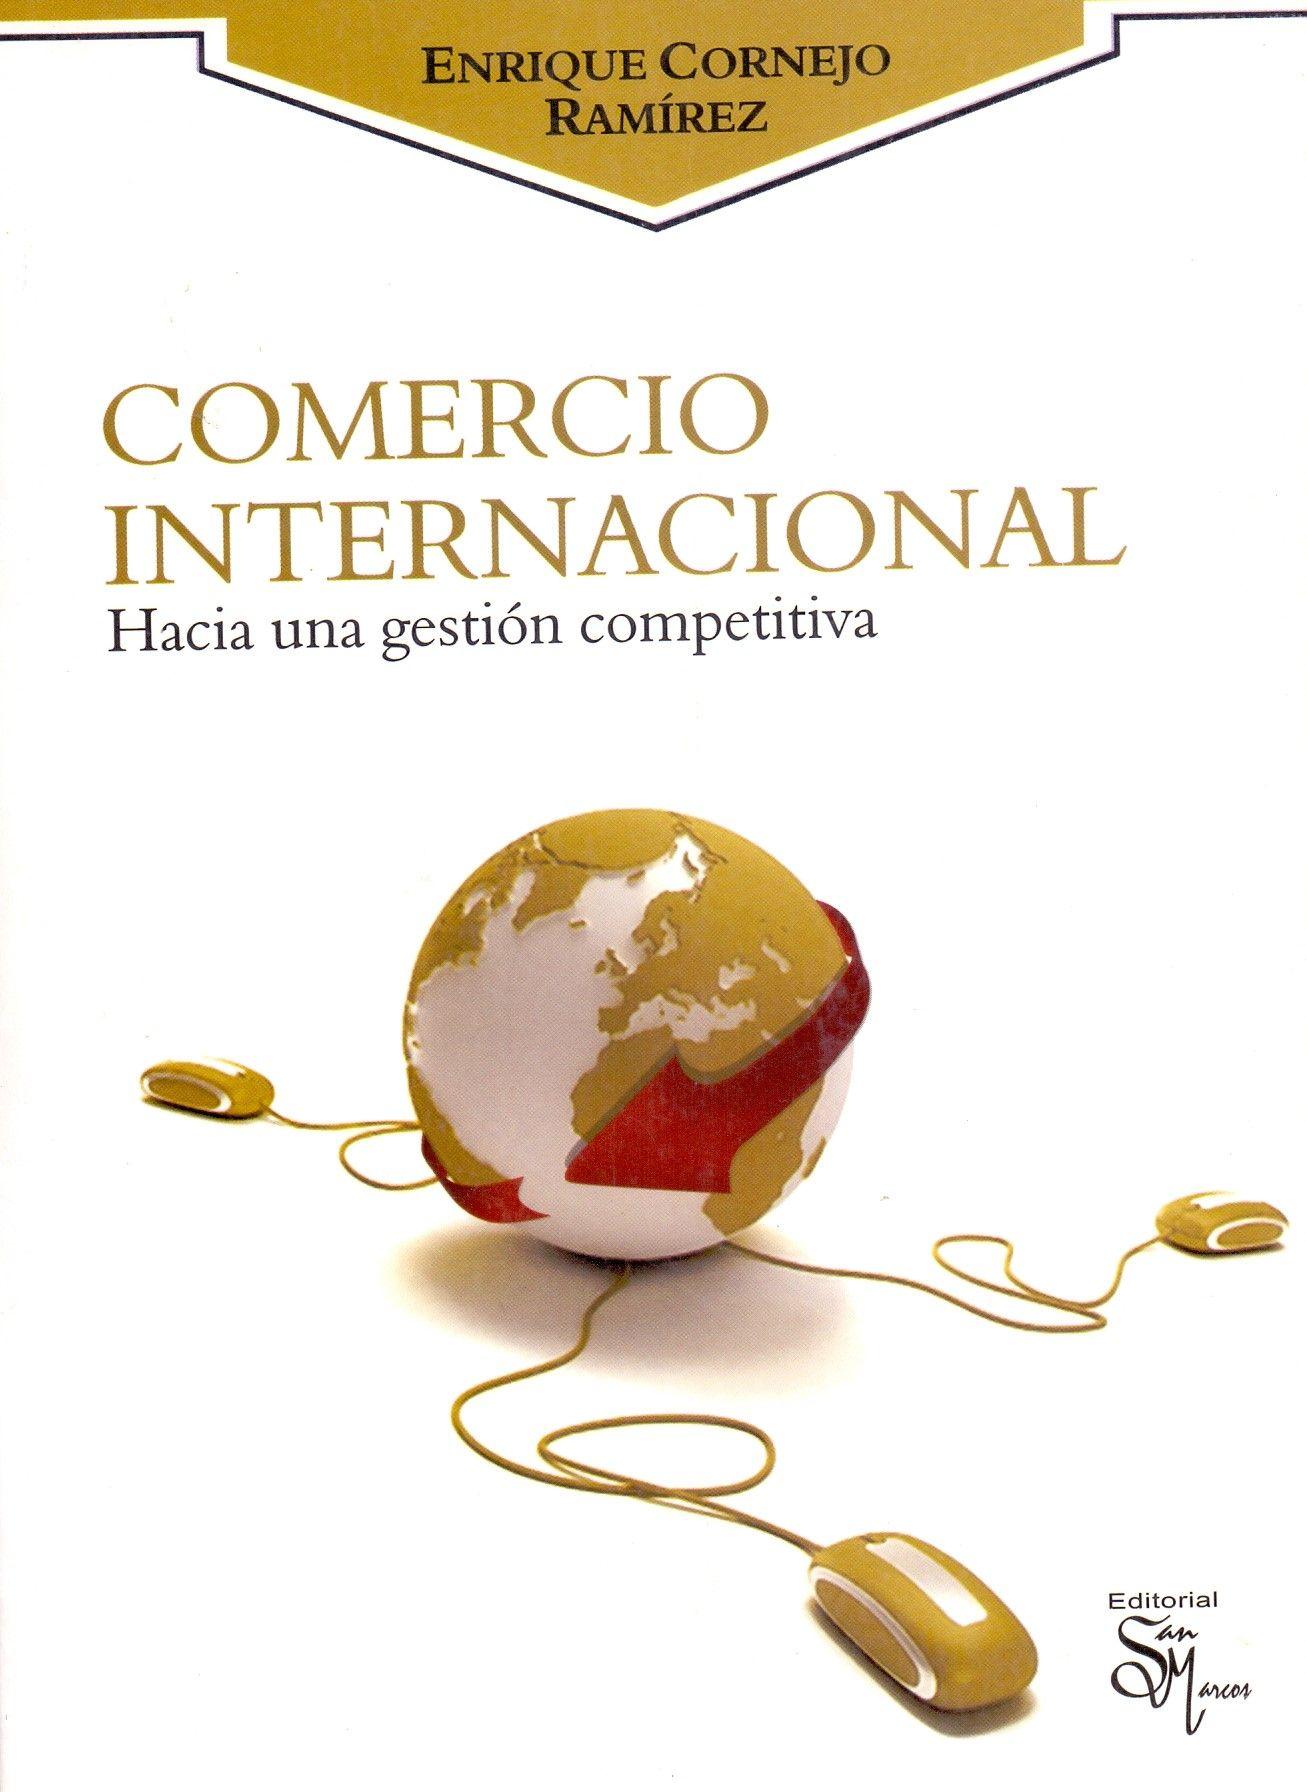 Pin En Alertas Bibliograficas De Administracion De Negocios Internacionales